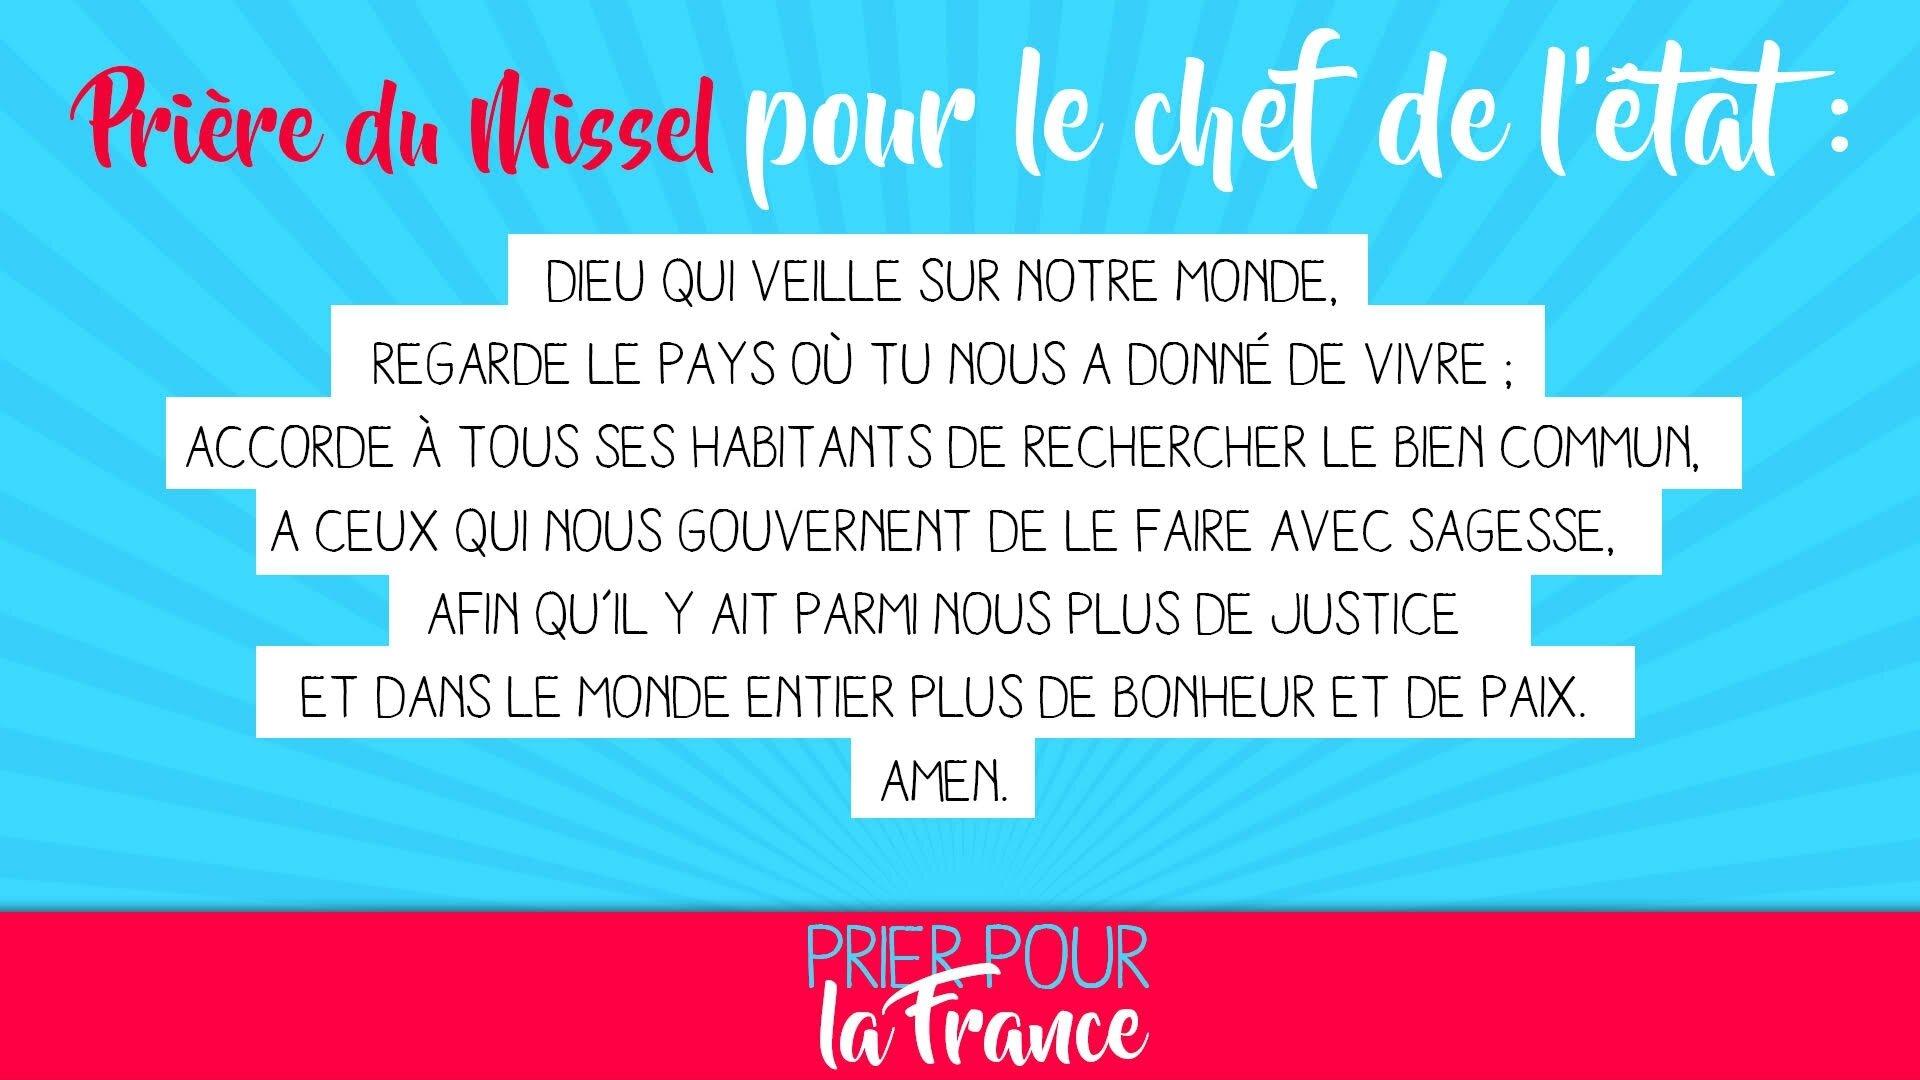 PRIÈRE POUR LA FRANCE & POUR LE CHEF DE L'ÉTAT